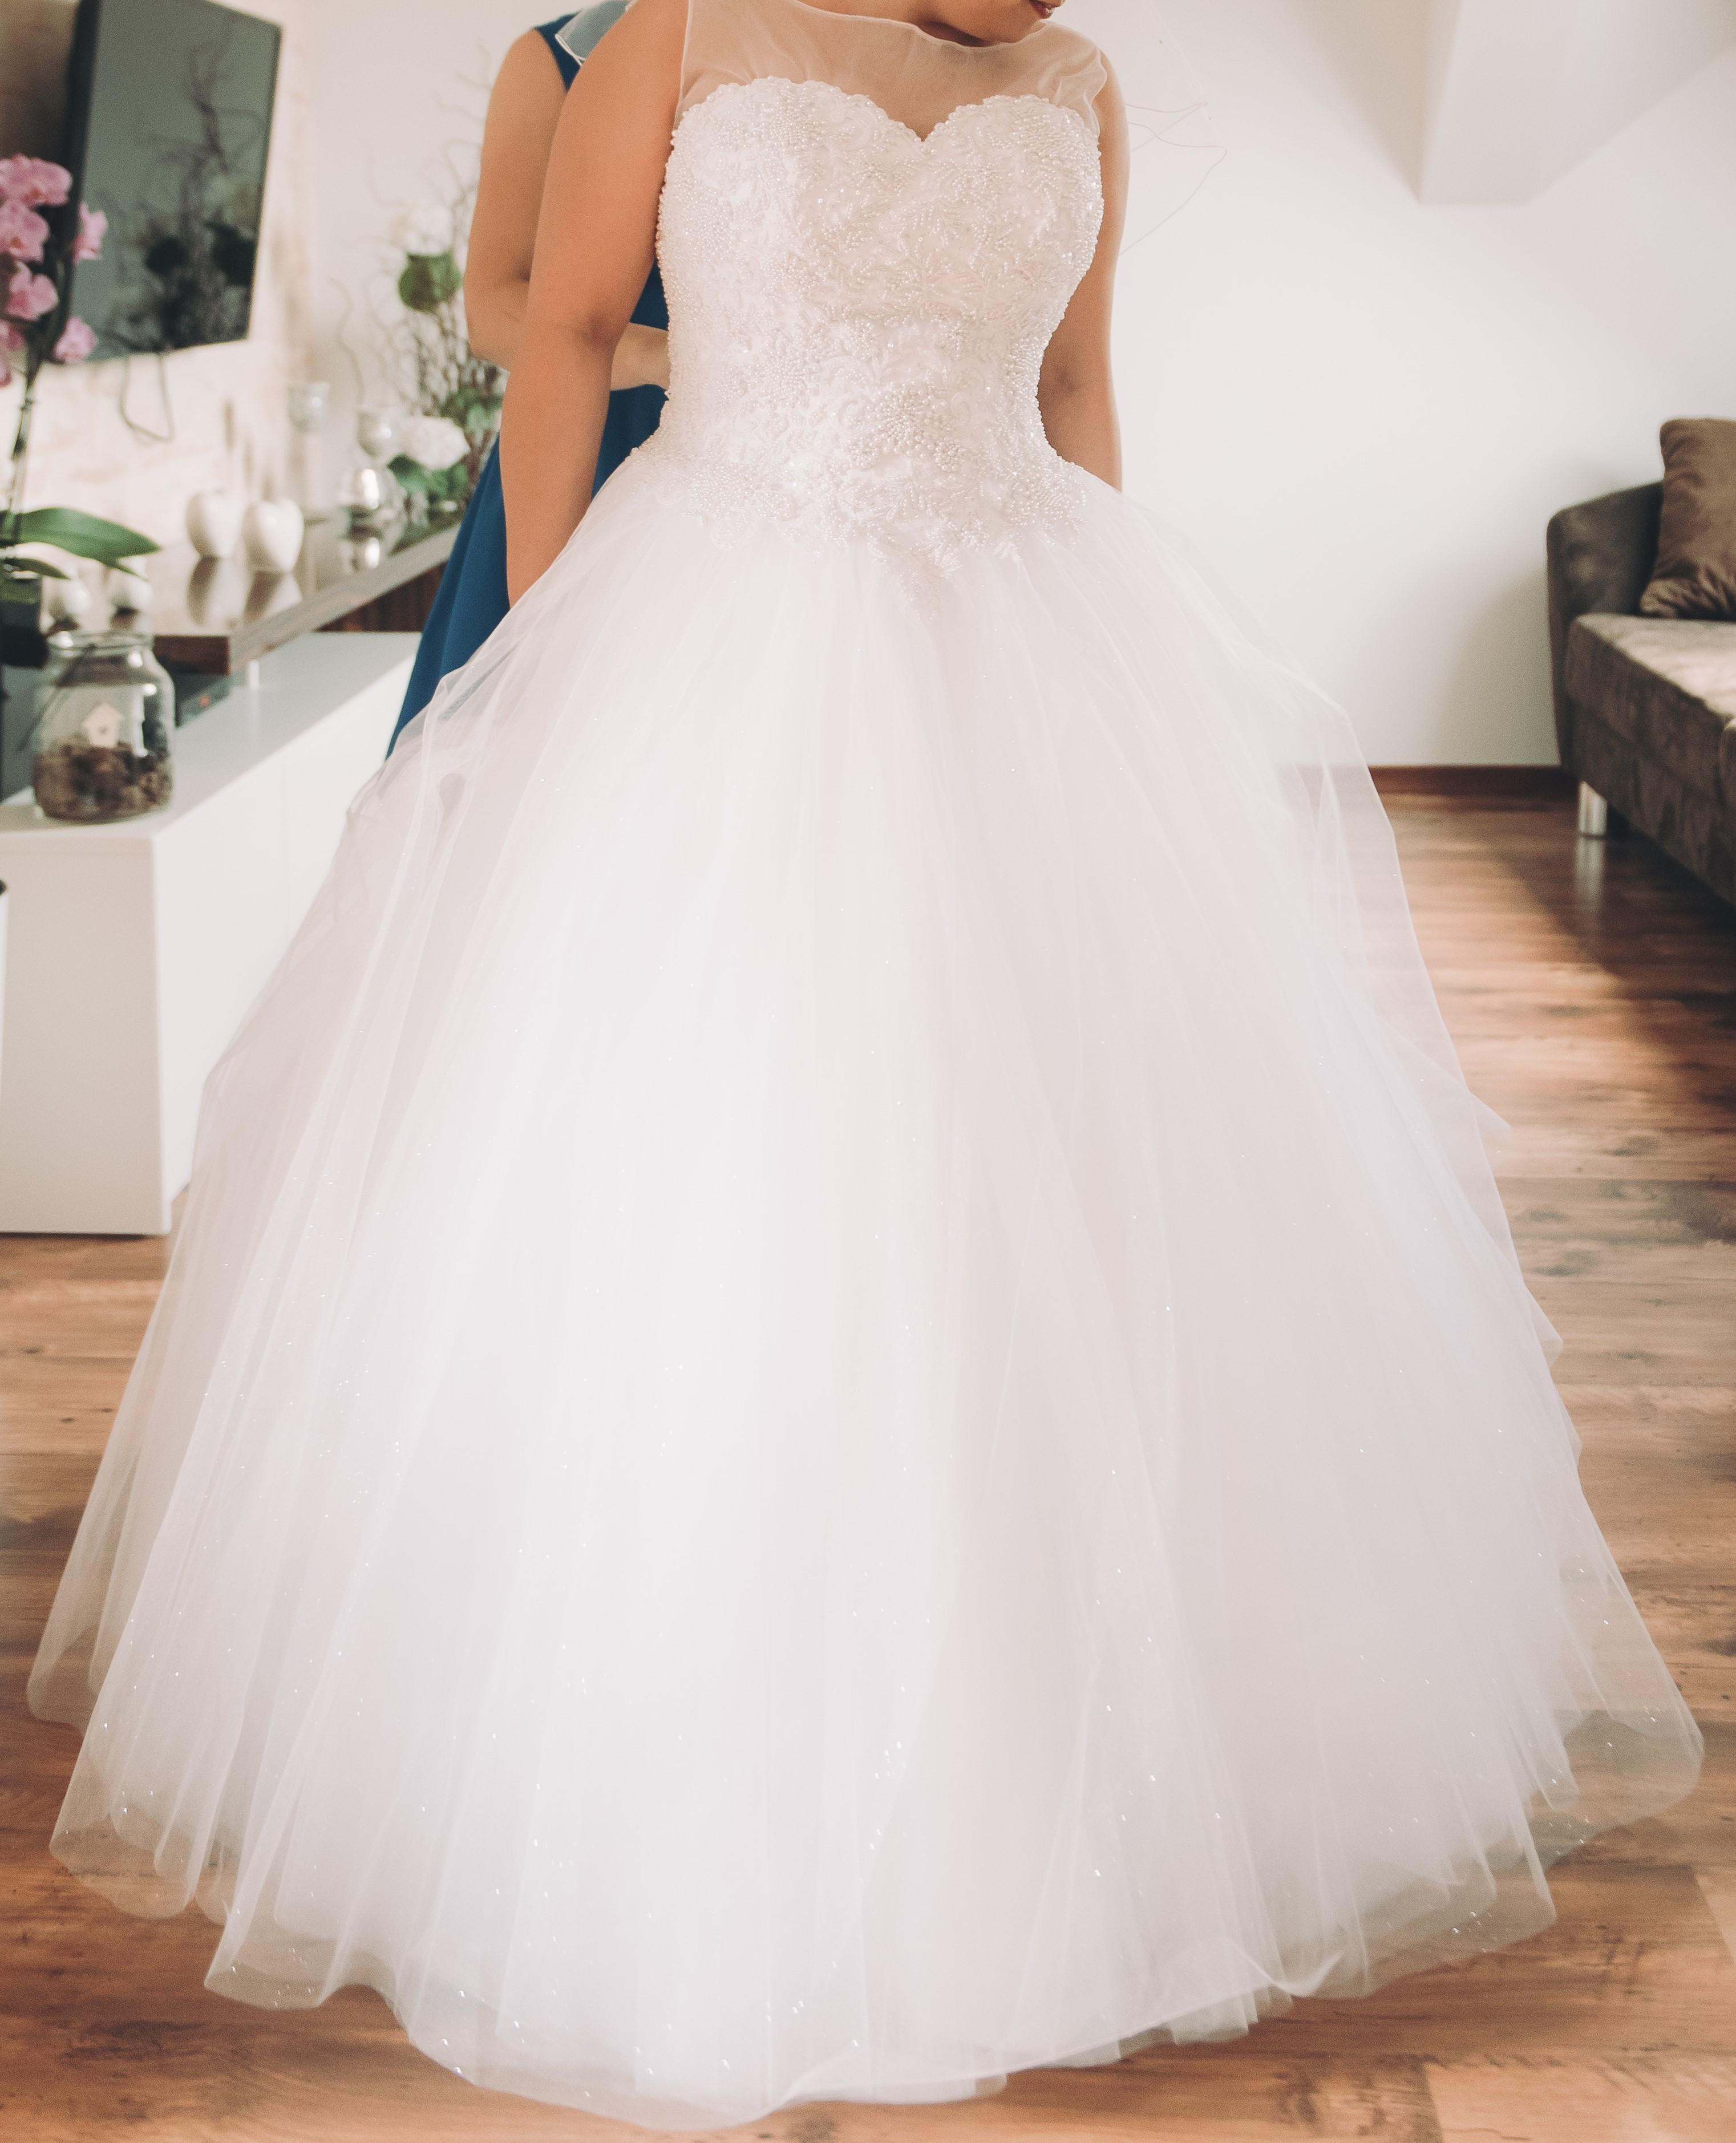 e6229034c2 Suknia ślubna Śliczna suknia ślubna Princesska rozm. 40 AGNES kolor  biały  rozmiar  40